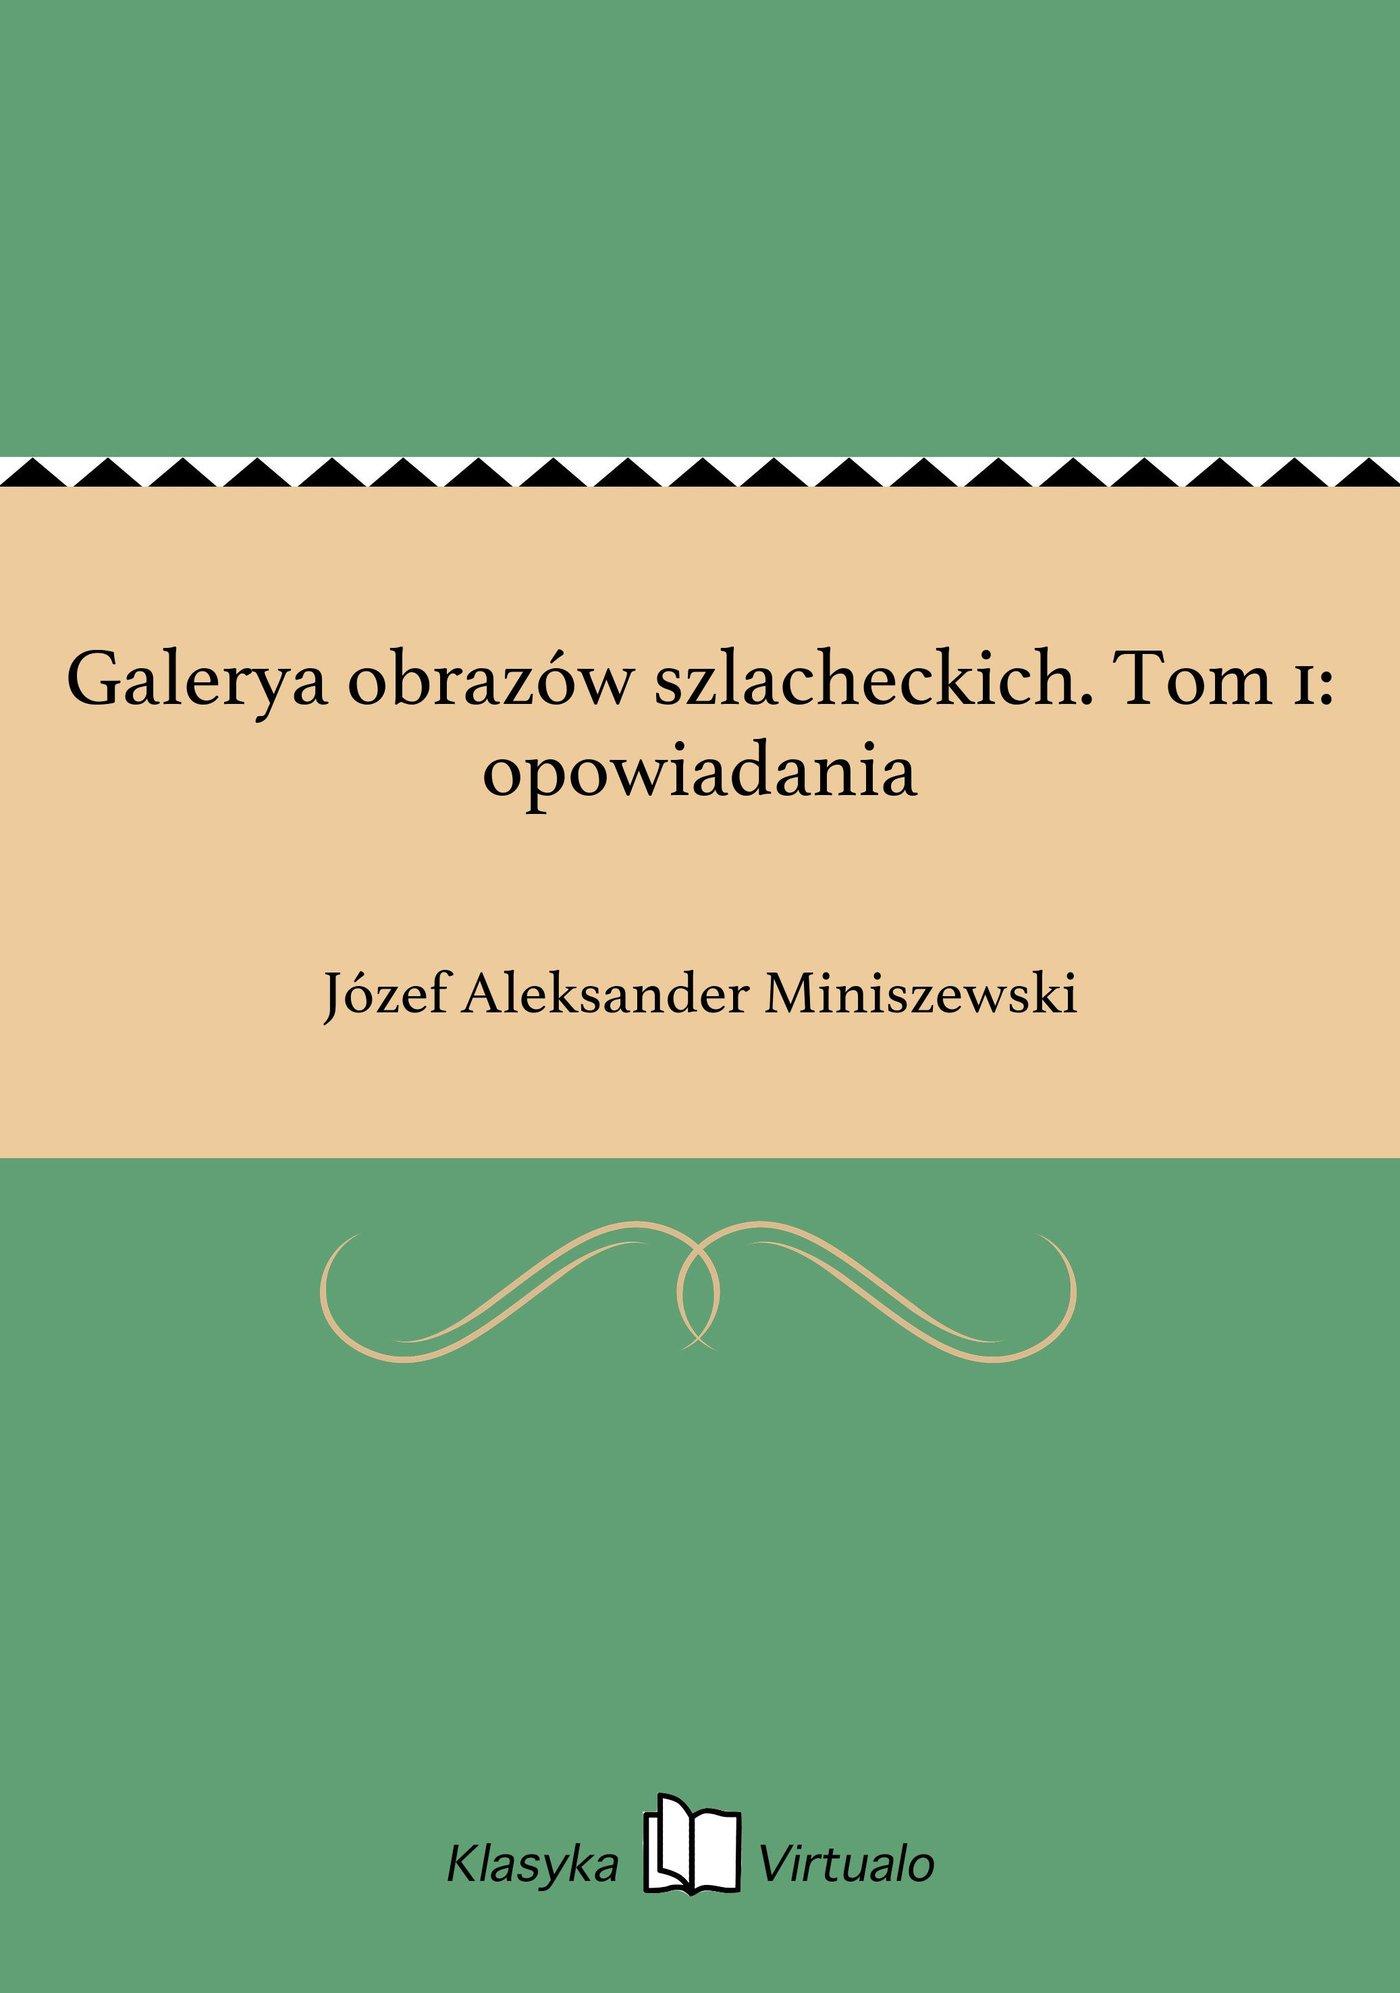 Galerya obrazów szlacheckich. Tom 1: opowiadania - Ebook (Książka EPUB) do pobrania w formacie EPUB